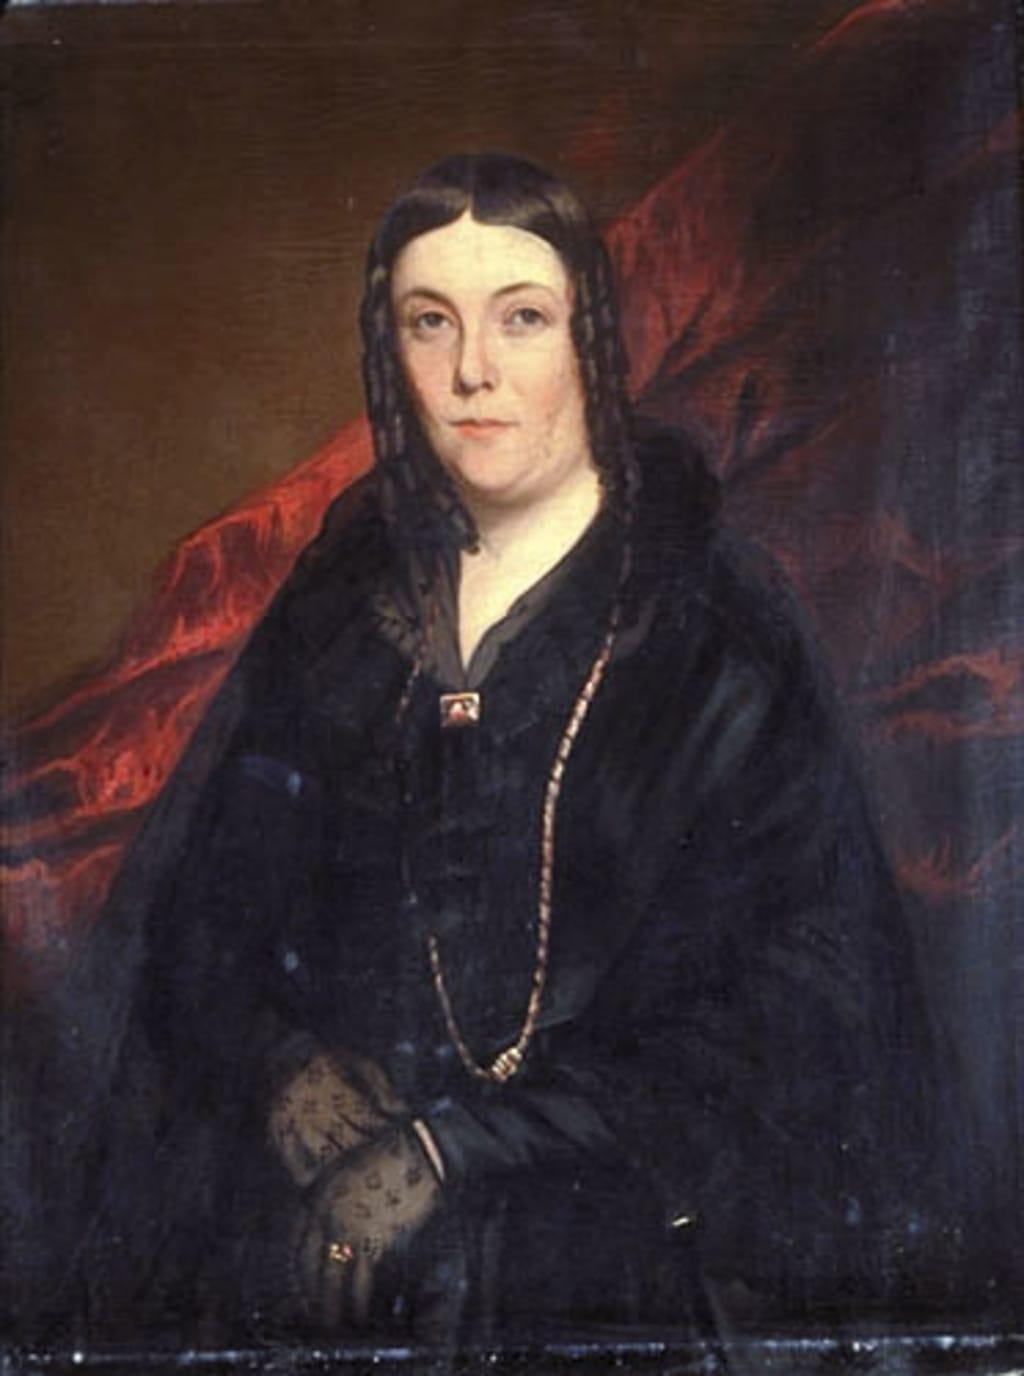 Madame Joseph-Charles Boulanger, née Elizabeth Porter